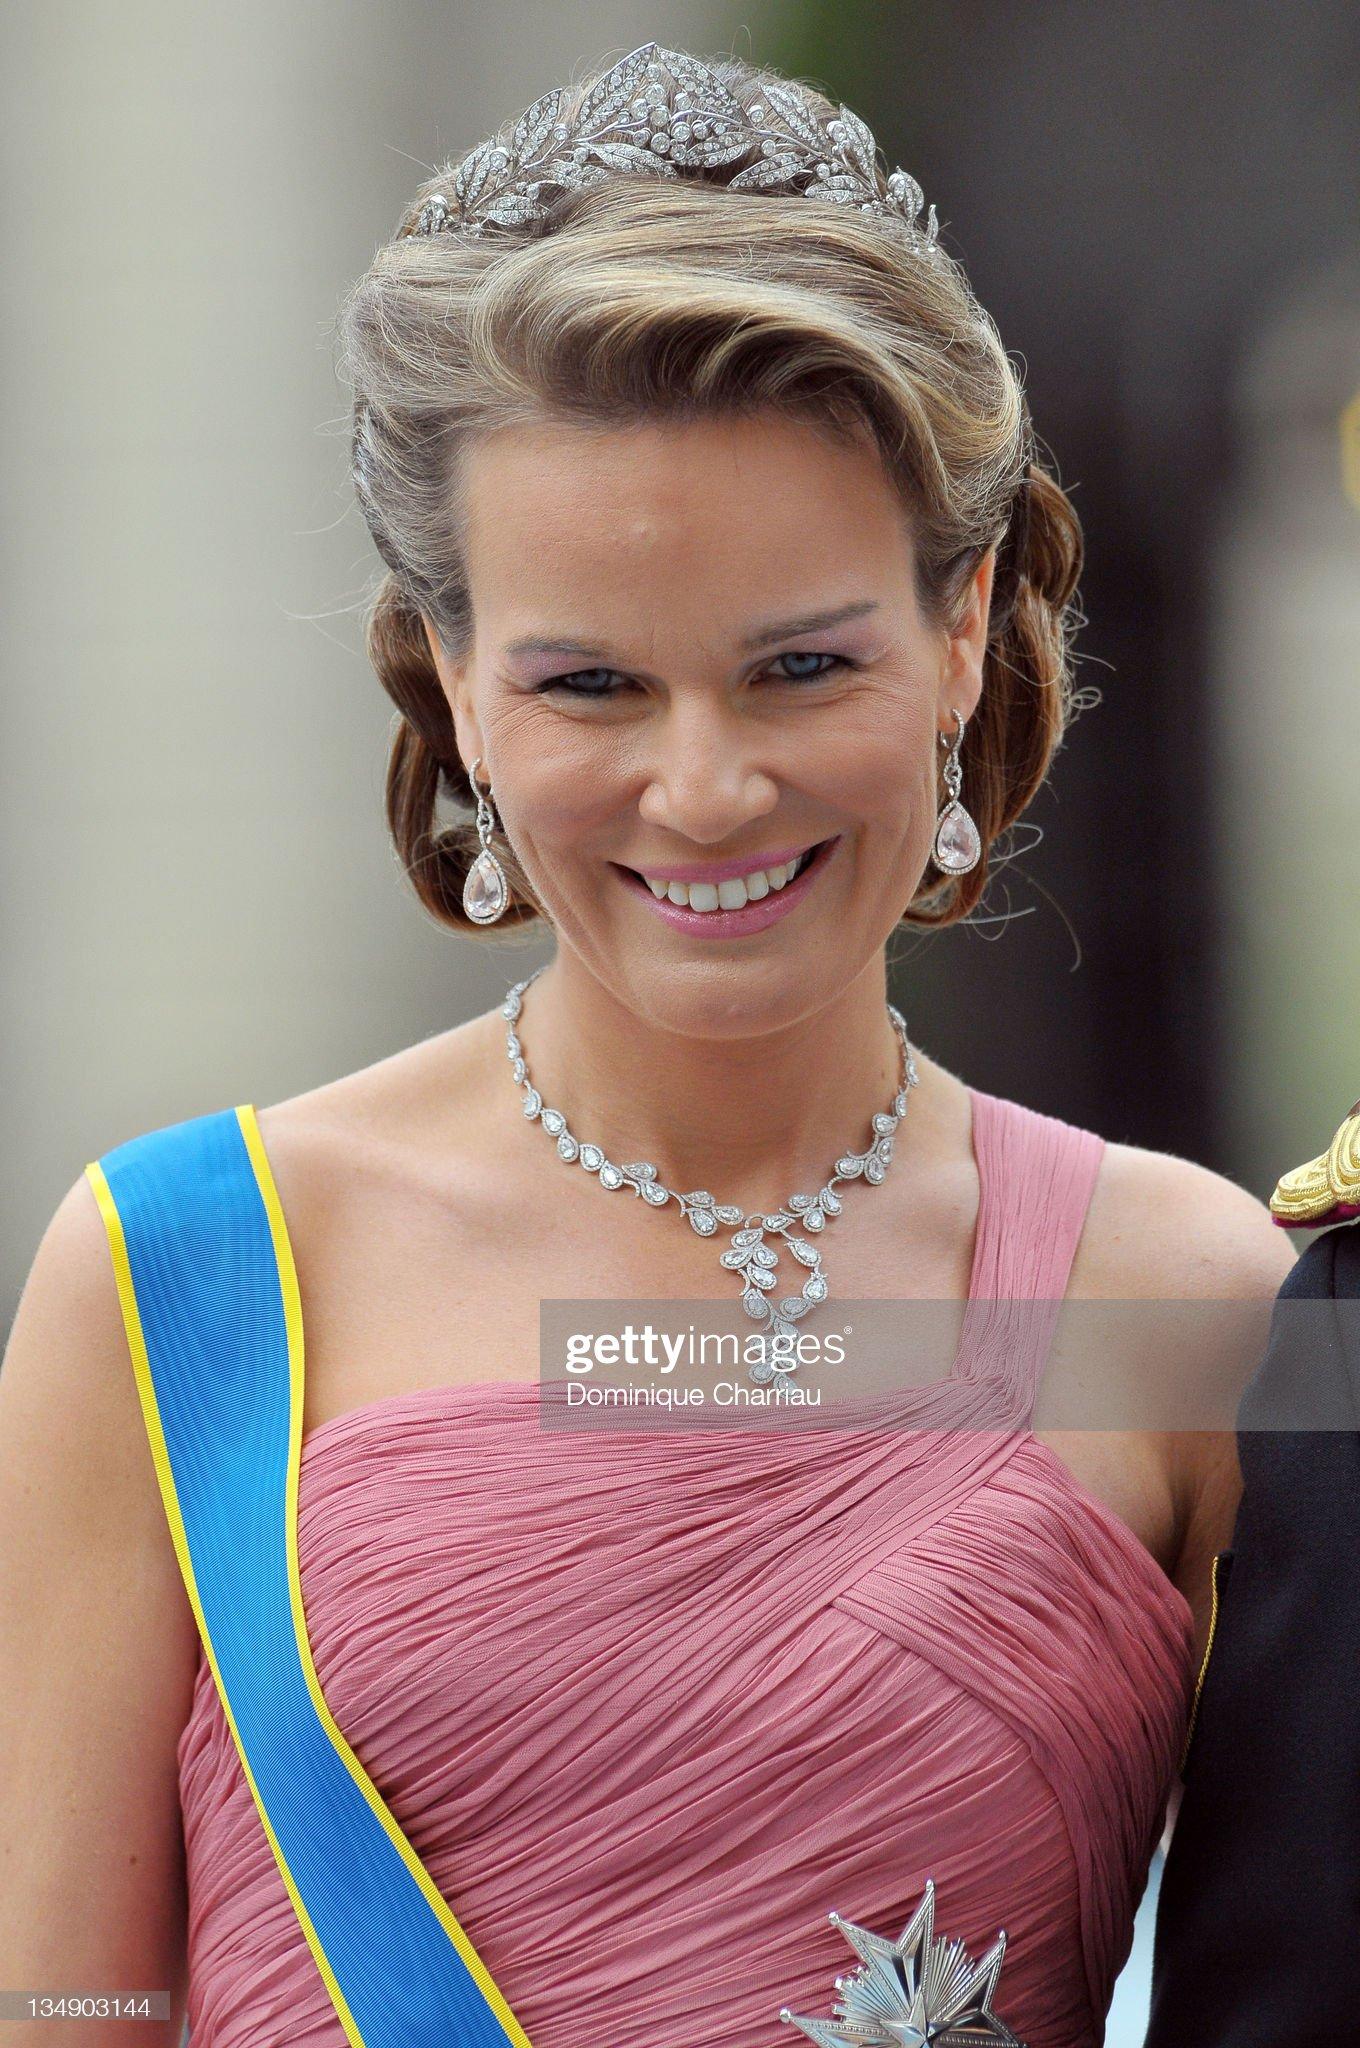 Вечерние наряды Королевы Матильды Wedding Of Swedish Crown Princess Victoria & Daniel Westling - Arrivals : News Photo